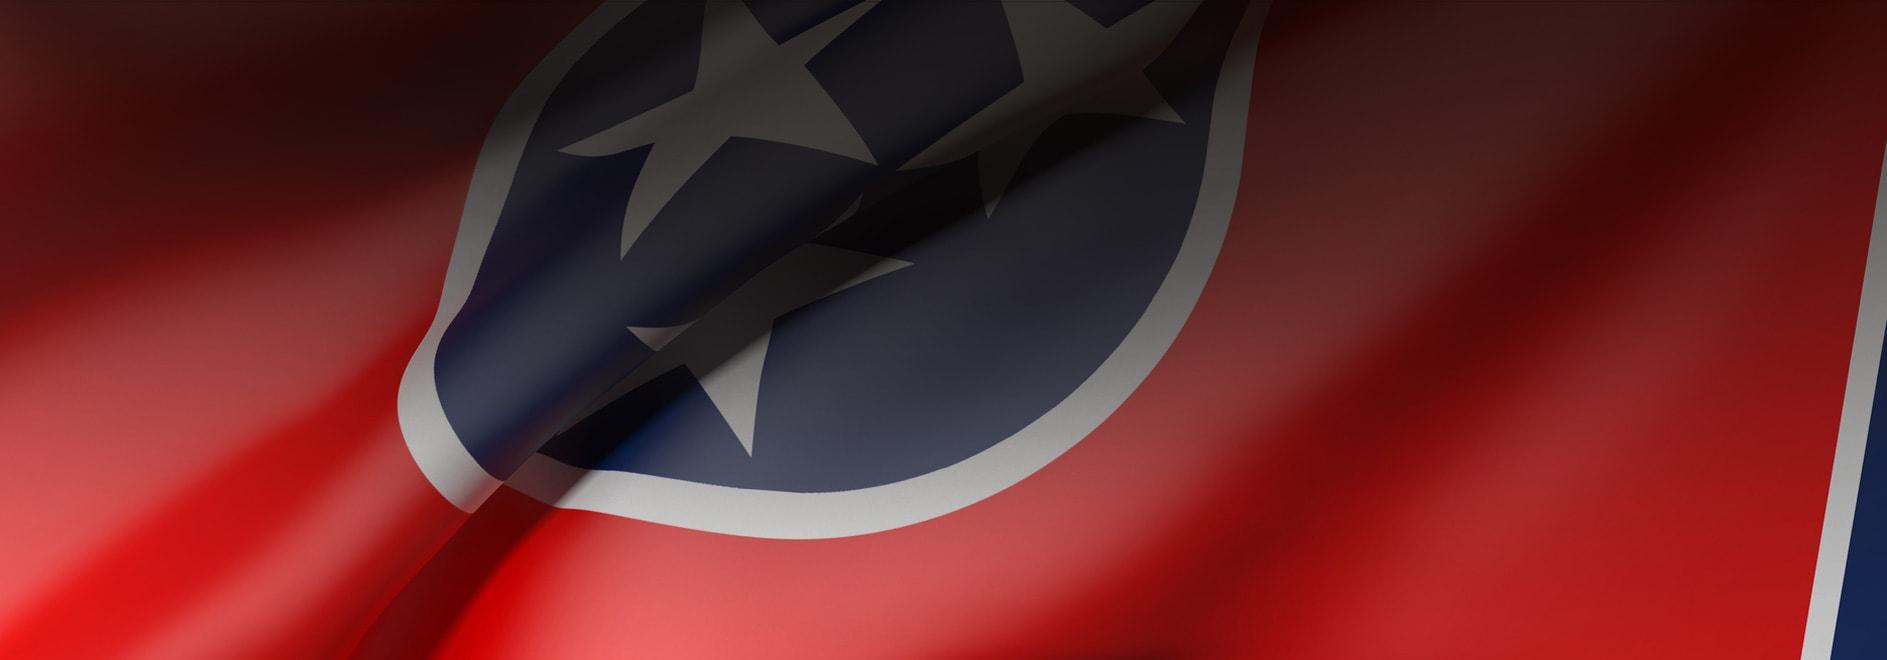 Web Design Clarksville Tennessee